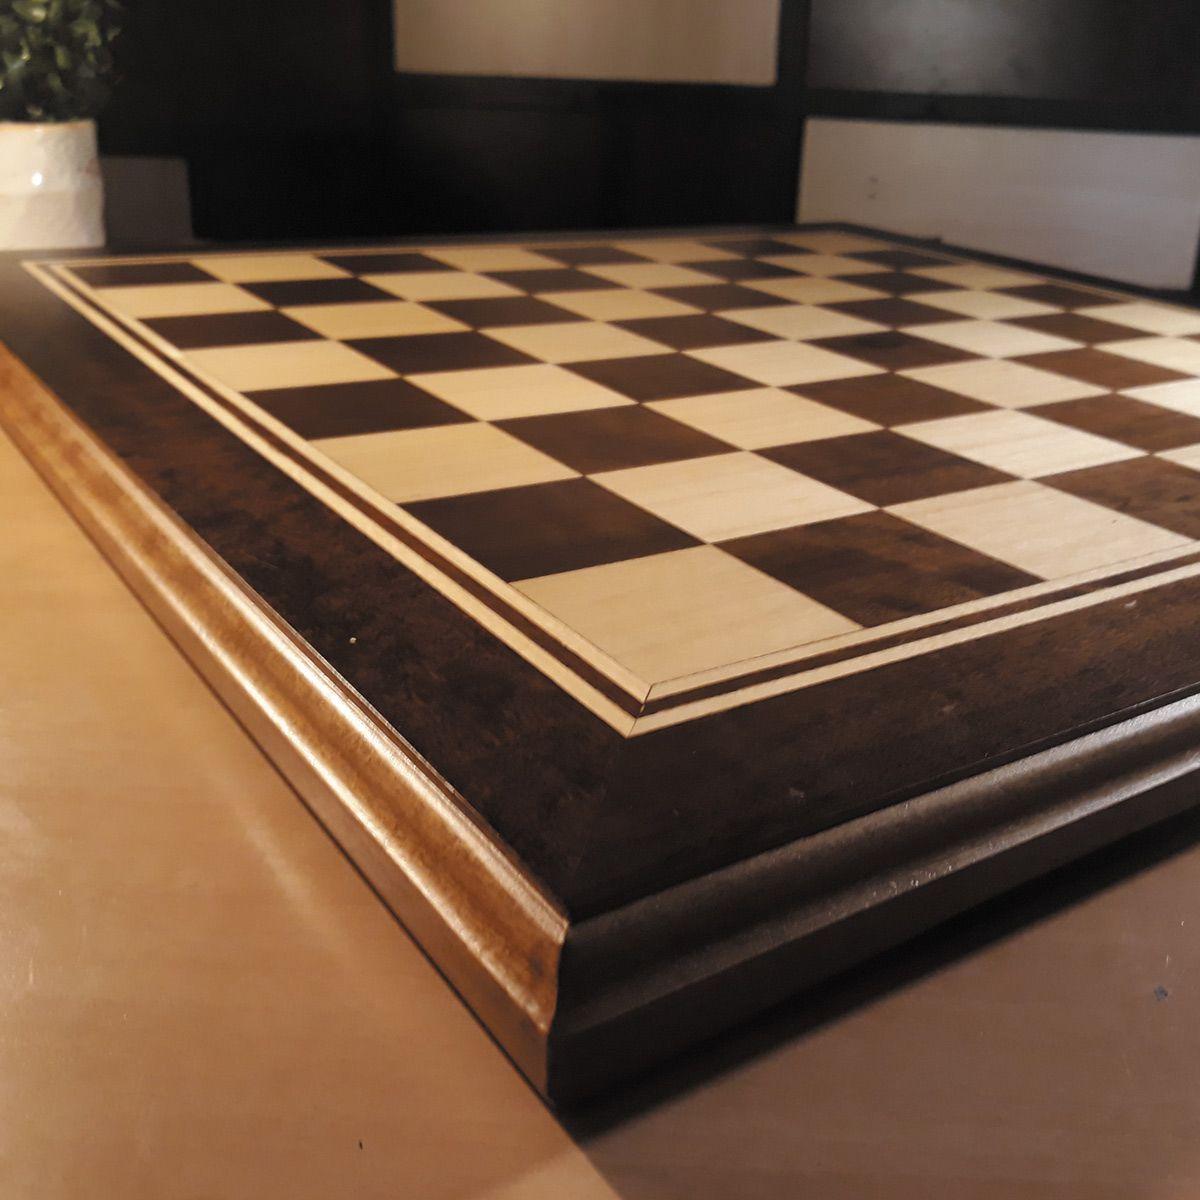 Tabuleiro de Xadrez Plano Marchetado madeira nobre 46x46cm